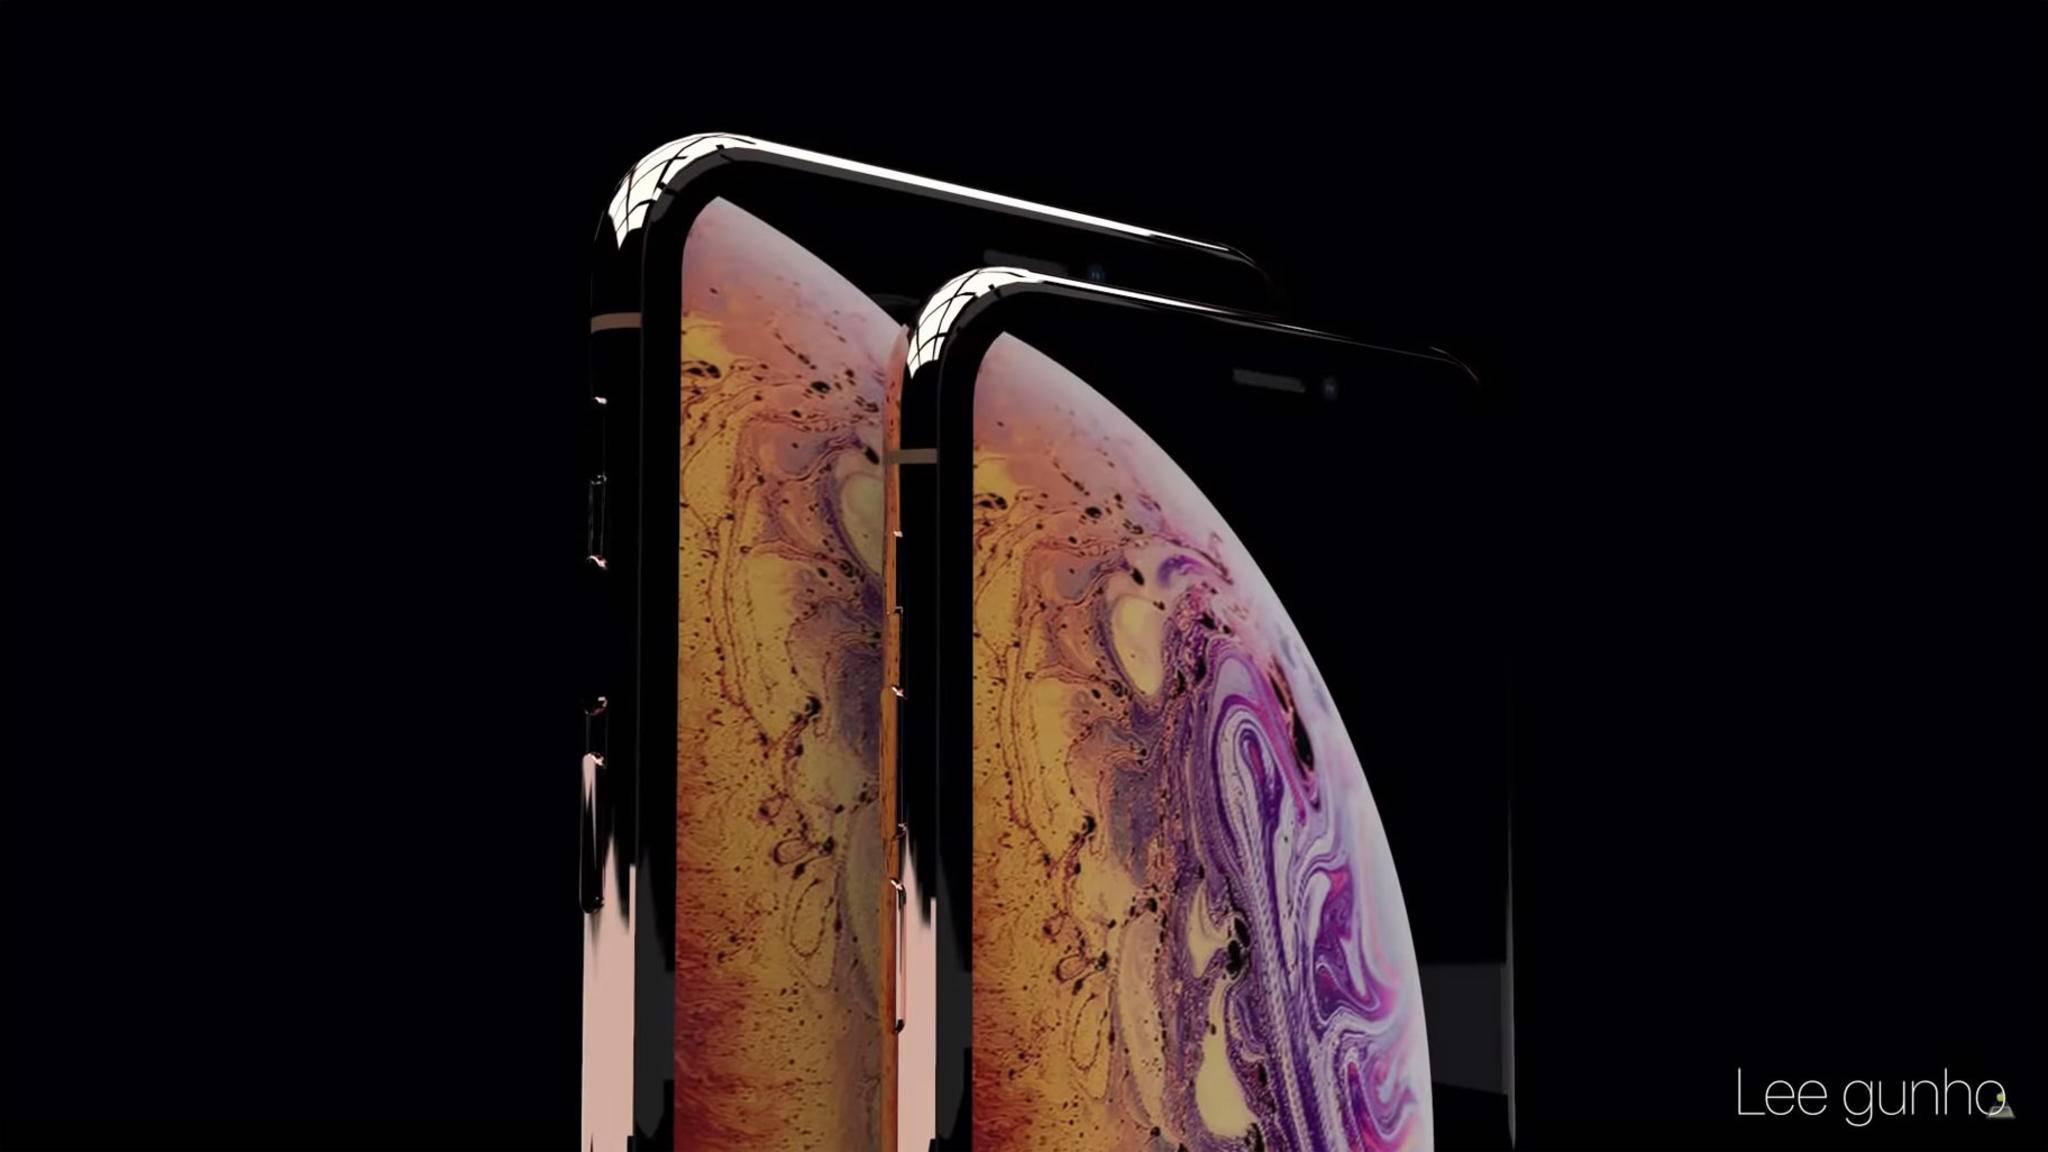 Die Apple-Keynote startet um 19:00 Uhr.